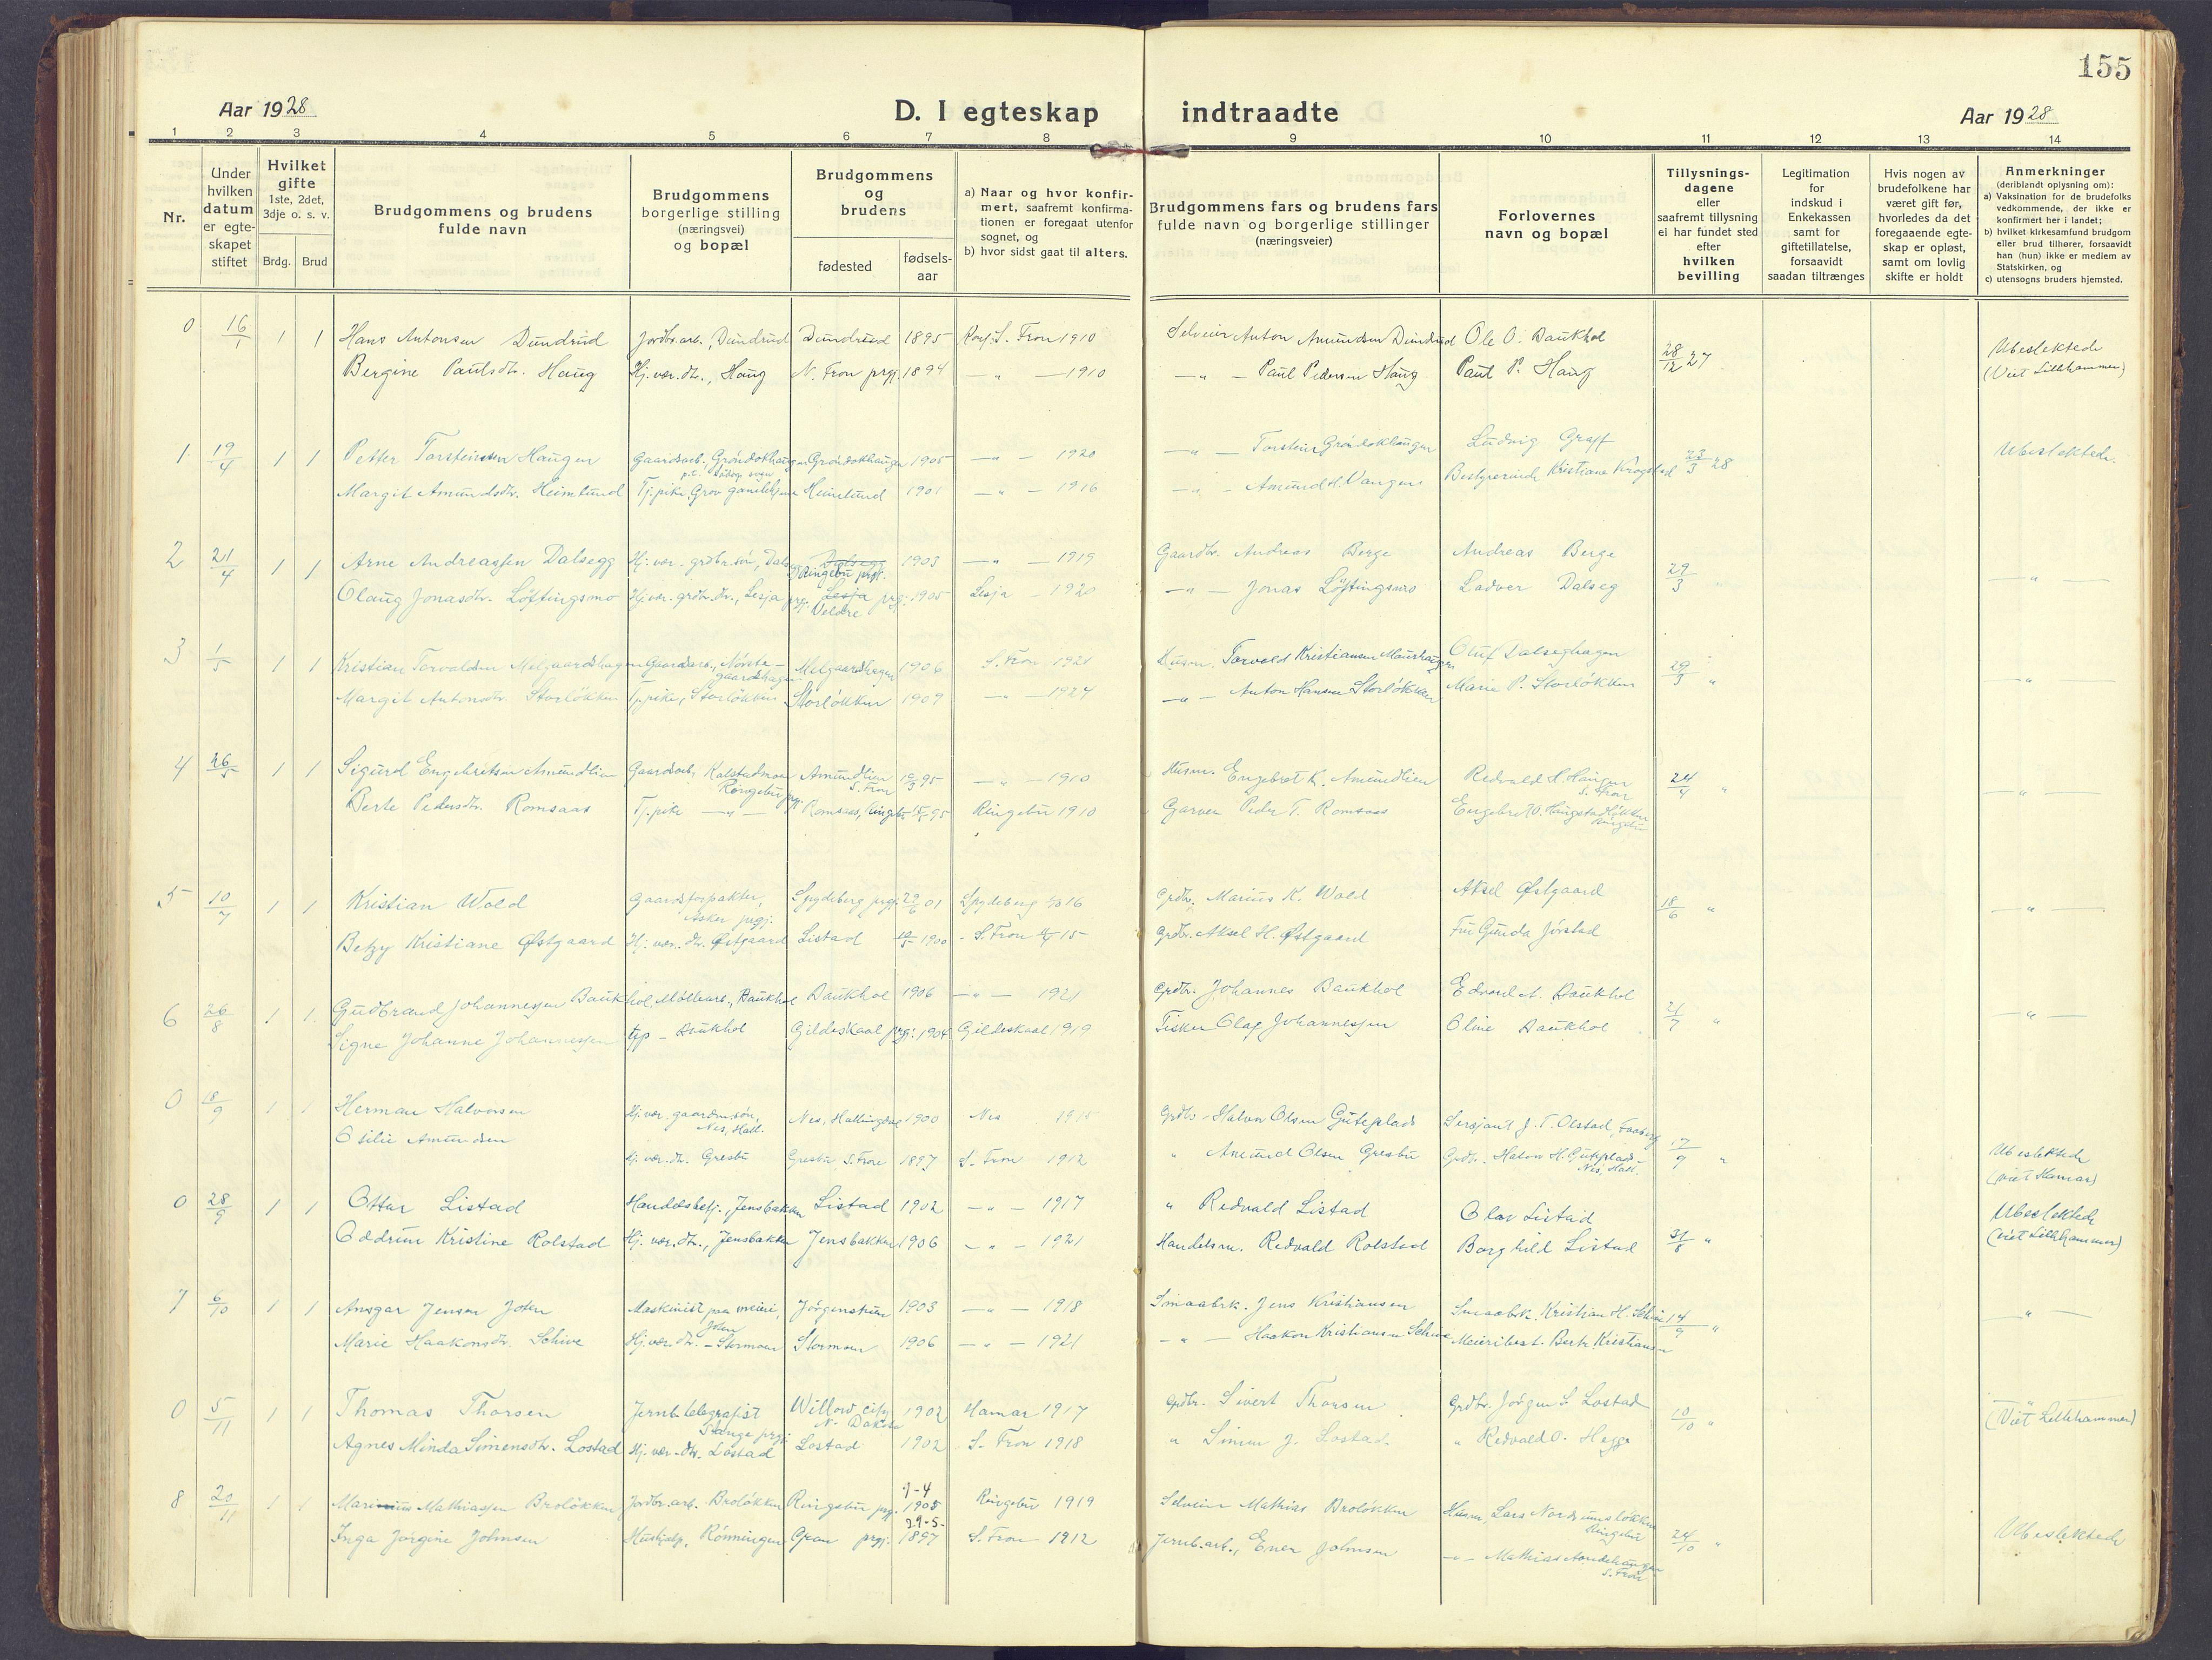 SAH, Sør-Fron prestekontor, H/Ha/Haa/L0005: Parish register (official) no. 5, 1920-1933, p. 155